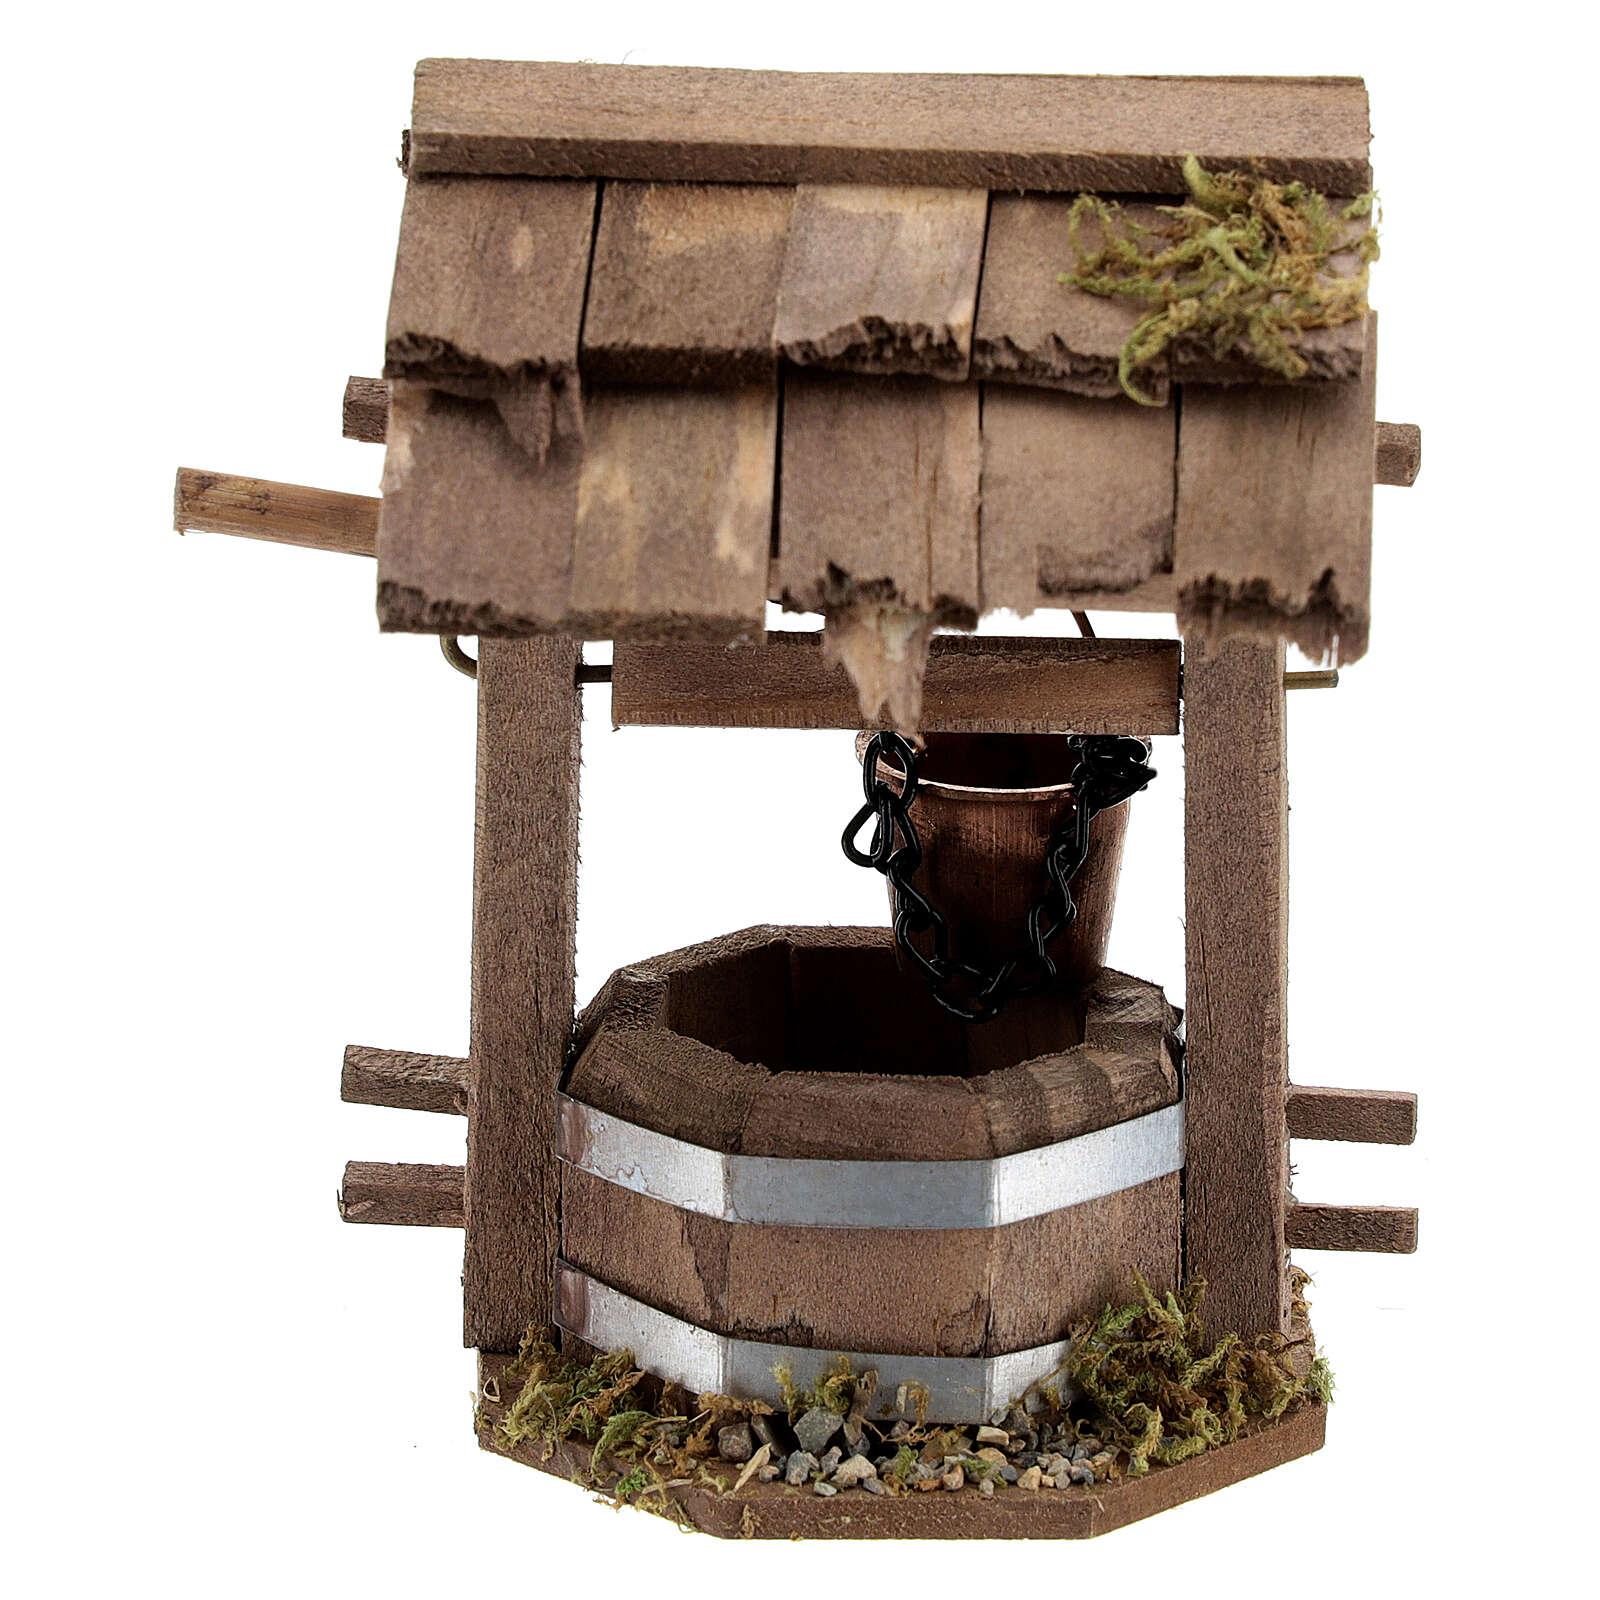 Pozzo presepe 10 cm tettoia legno scuro 10x10x5 cm 4